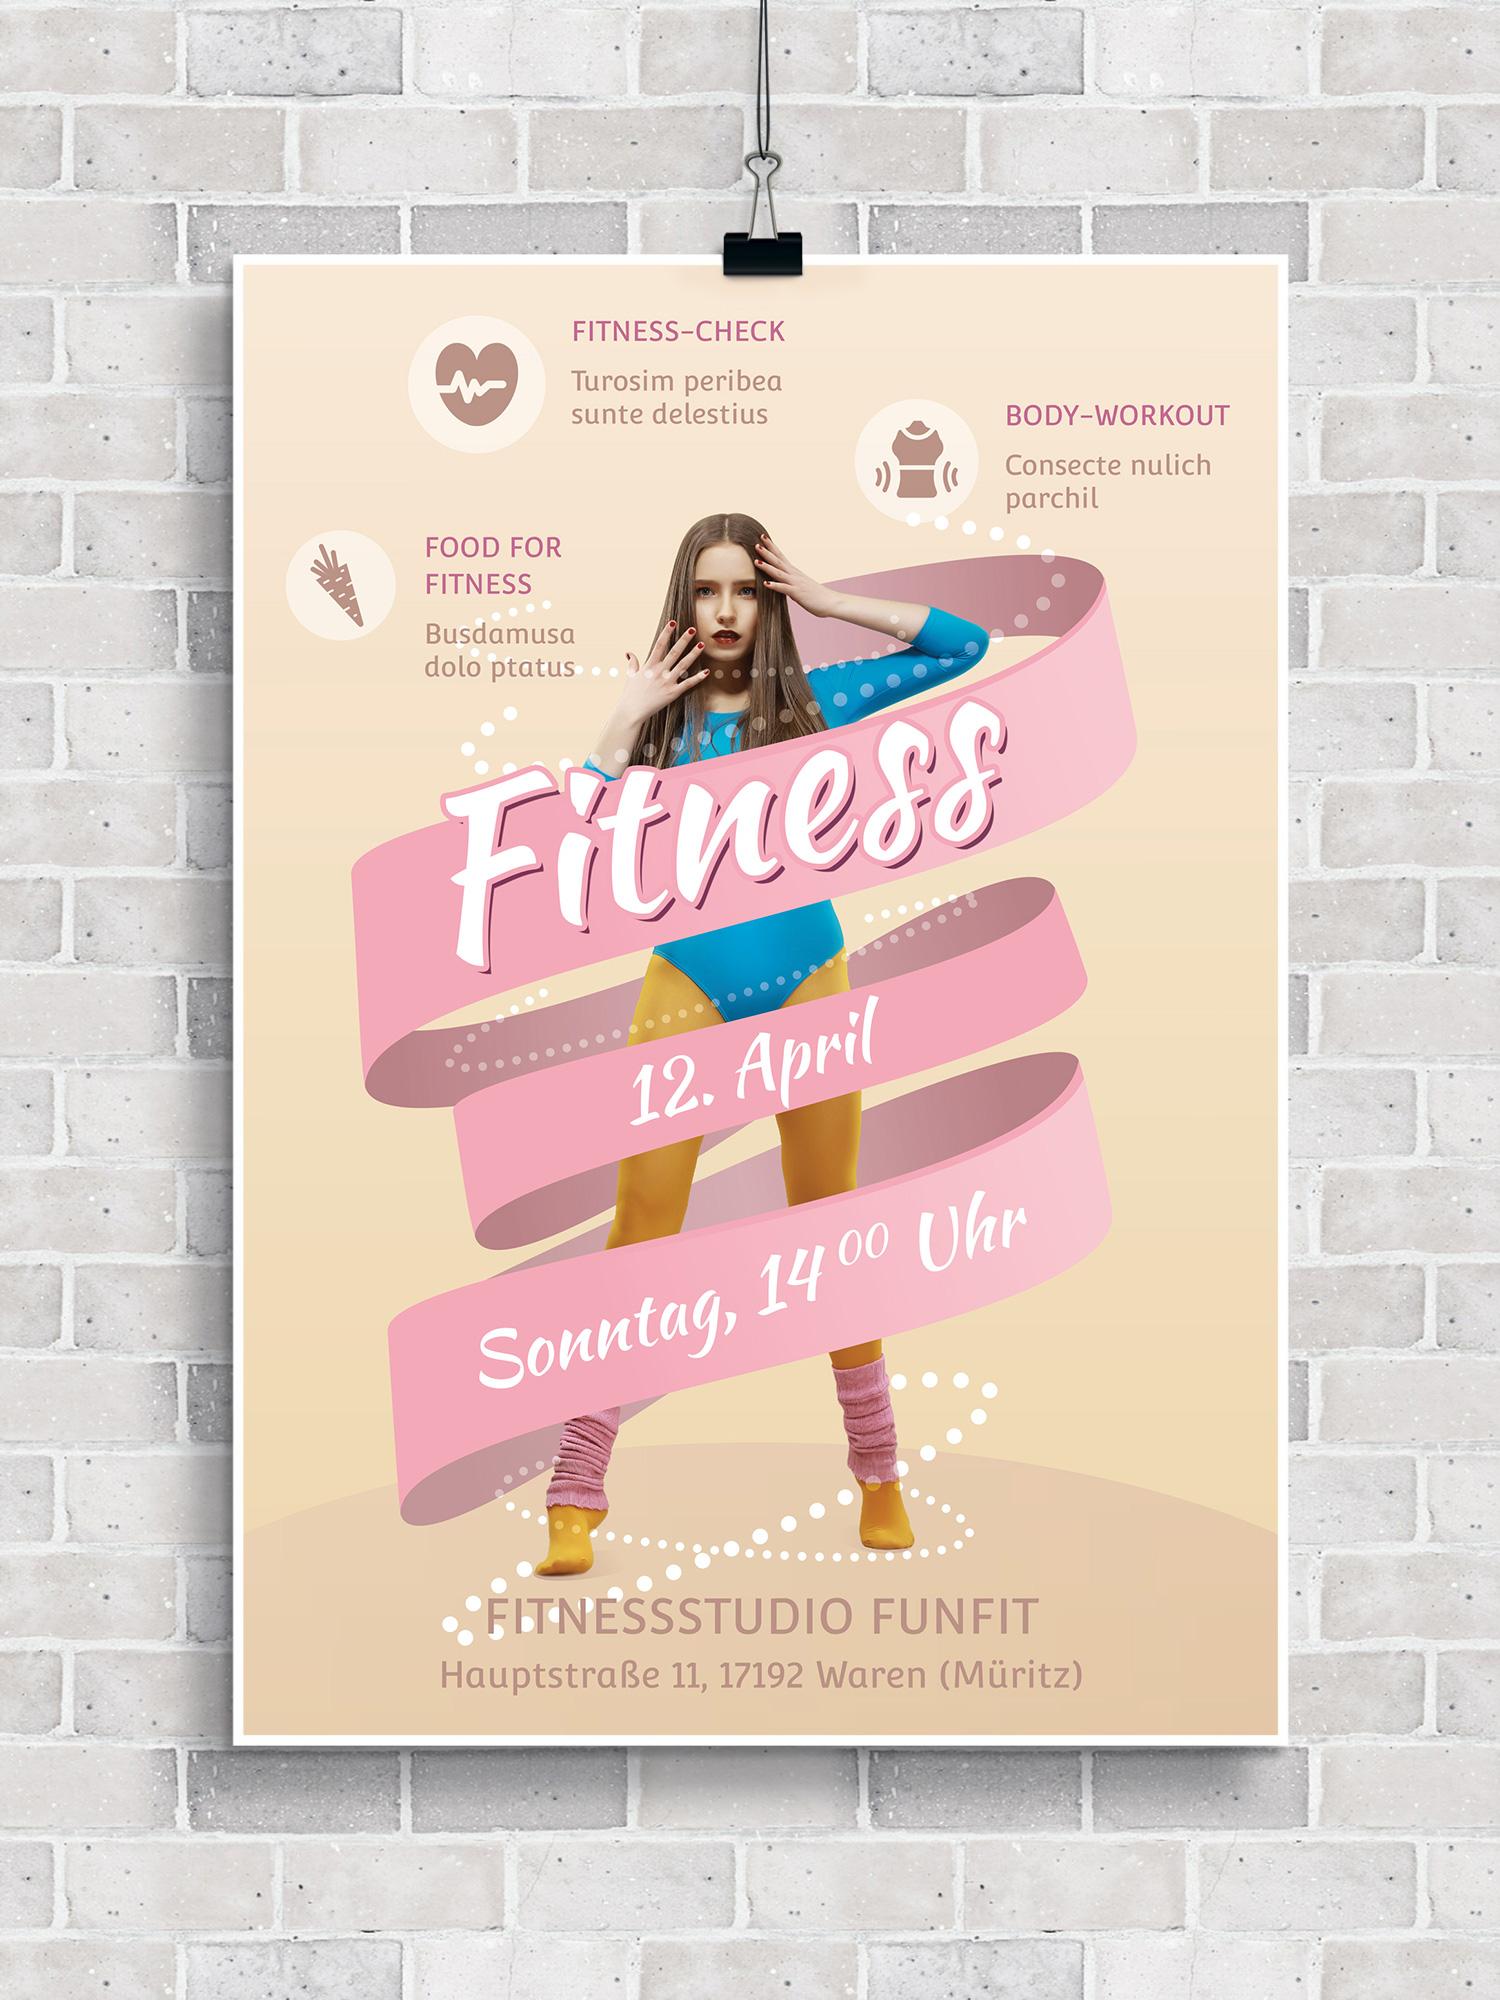 Die Vorlagen eignen sich zum Beispiel zur Ankündigung von Veranstaltungen in Fitnessstudios.